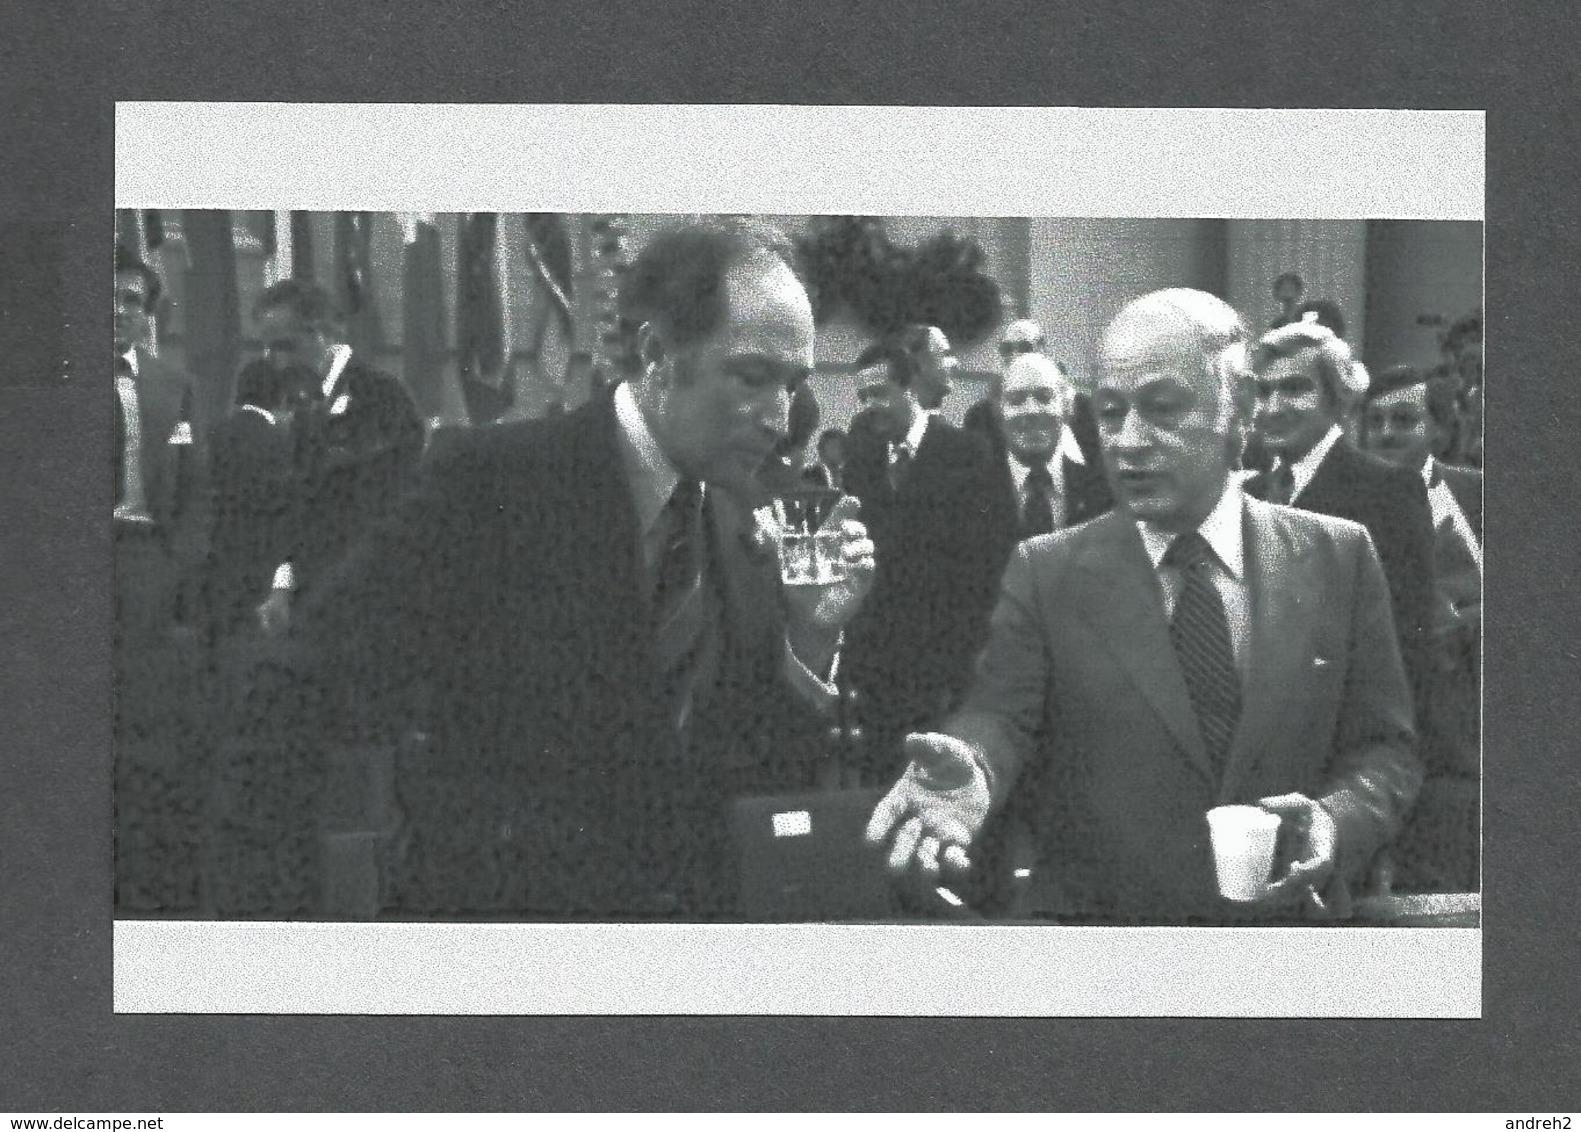 POLITIQUE DU QUÉBEC - RENÉ LÉVESQUE ET PIERRE ELLIOTT TRUDEAU LE RAPATRIEMENT DE LA CONSTITUTION DE 1982 - Personnages